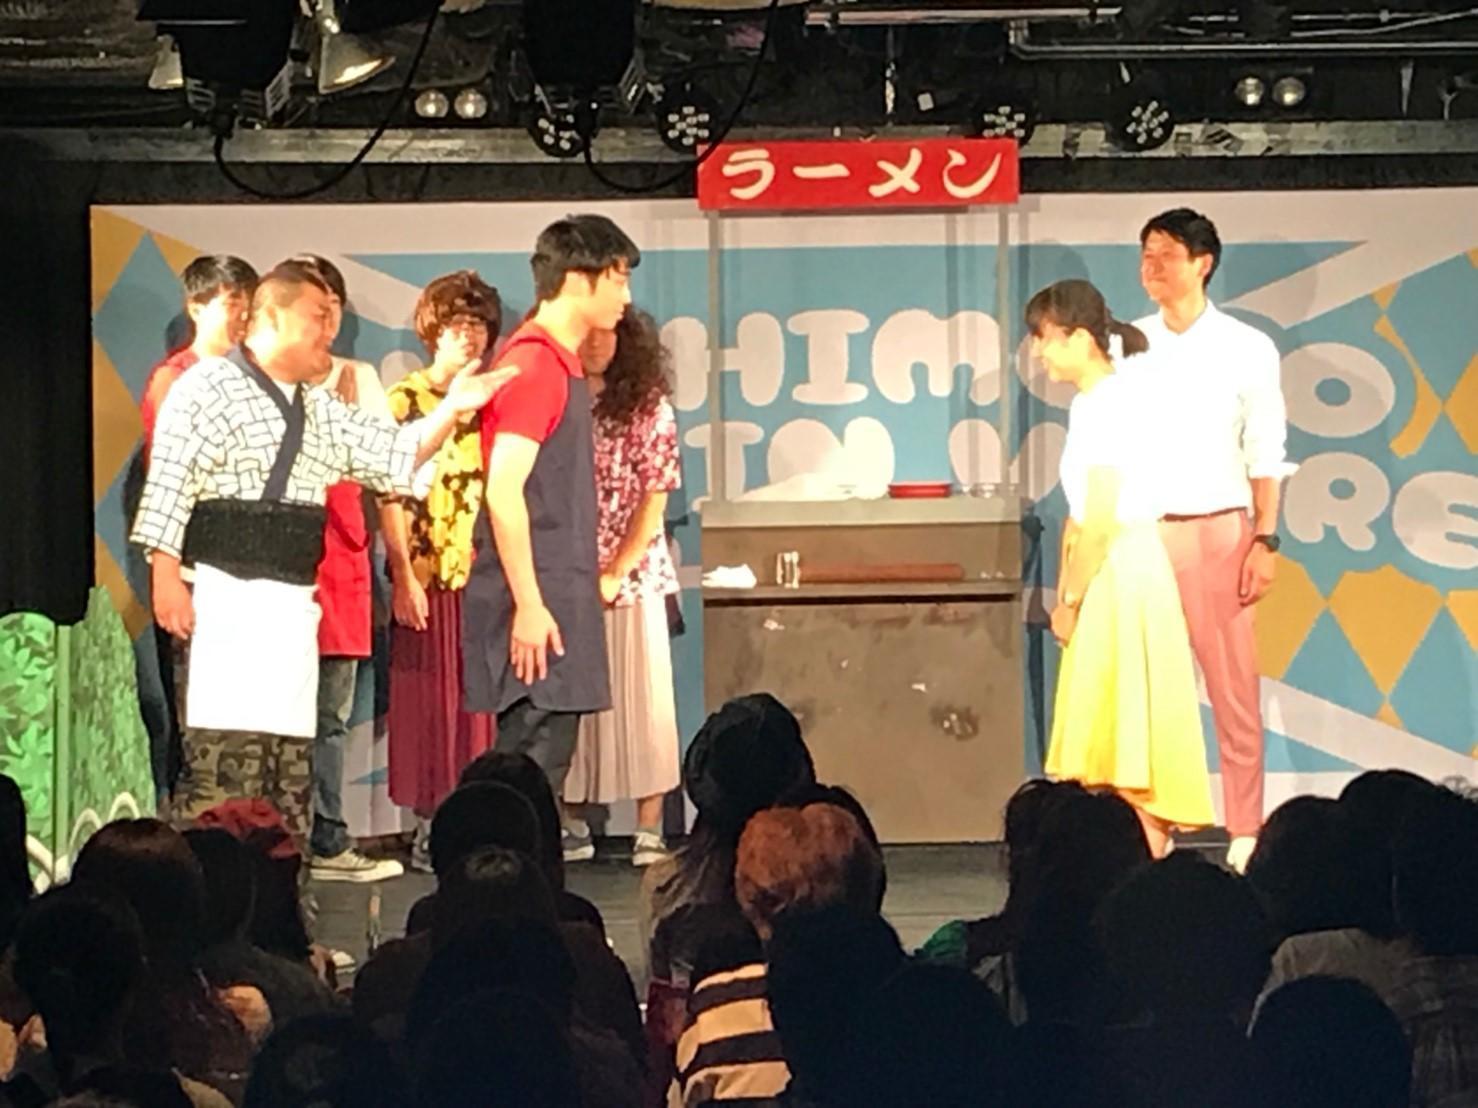 http://news.yoshimoto.co.jp/20181006175010-15ffc12007cf5ef901d079d8a74f985fe53ef07f.jpg